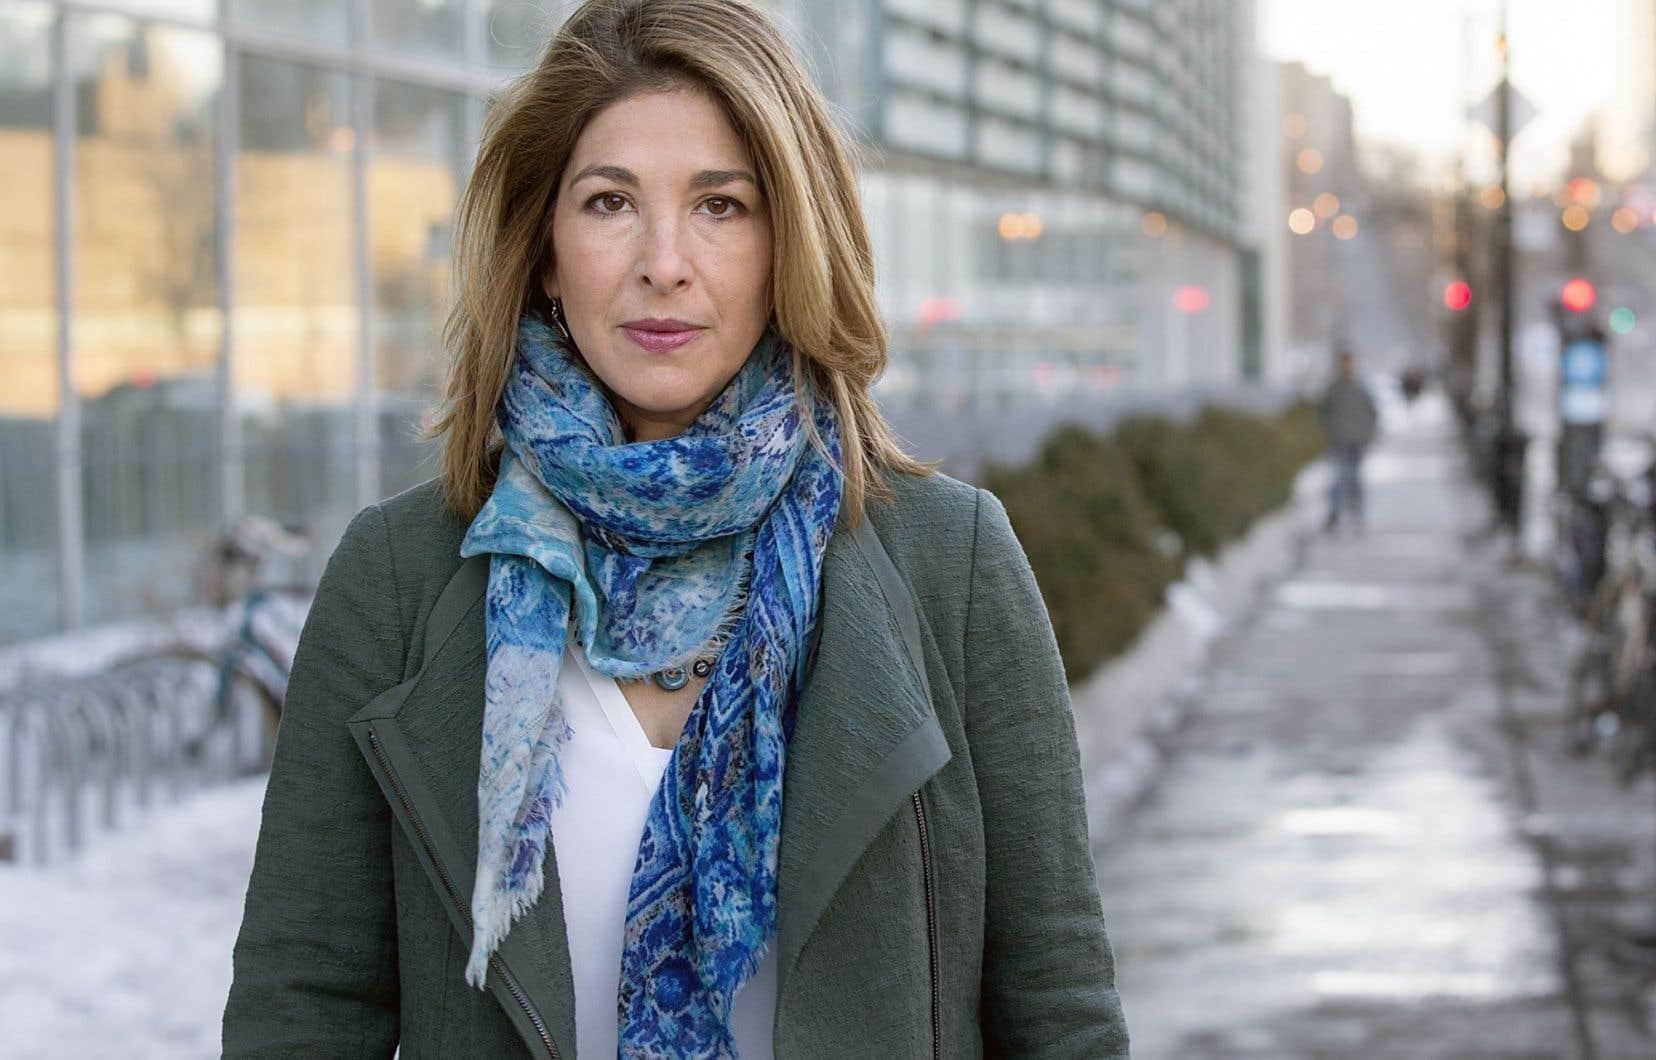 «Il y a un mouvement continental très fort contre les sables bitumineux et [le Québec a] un rôle important à jouer pour prendre part à cette opposition, au lieu de devenir un allié des compagnies pétrolières », affirme Naomi Klein.